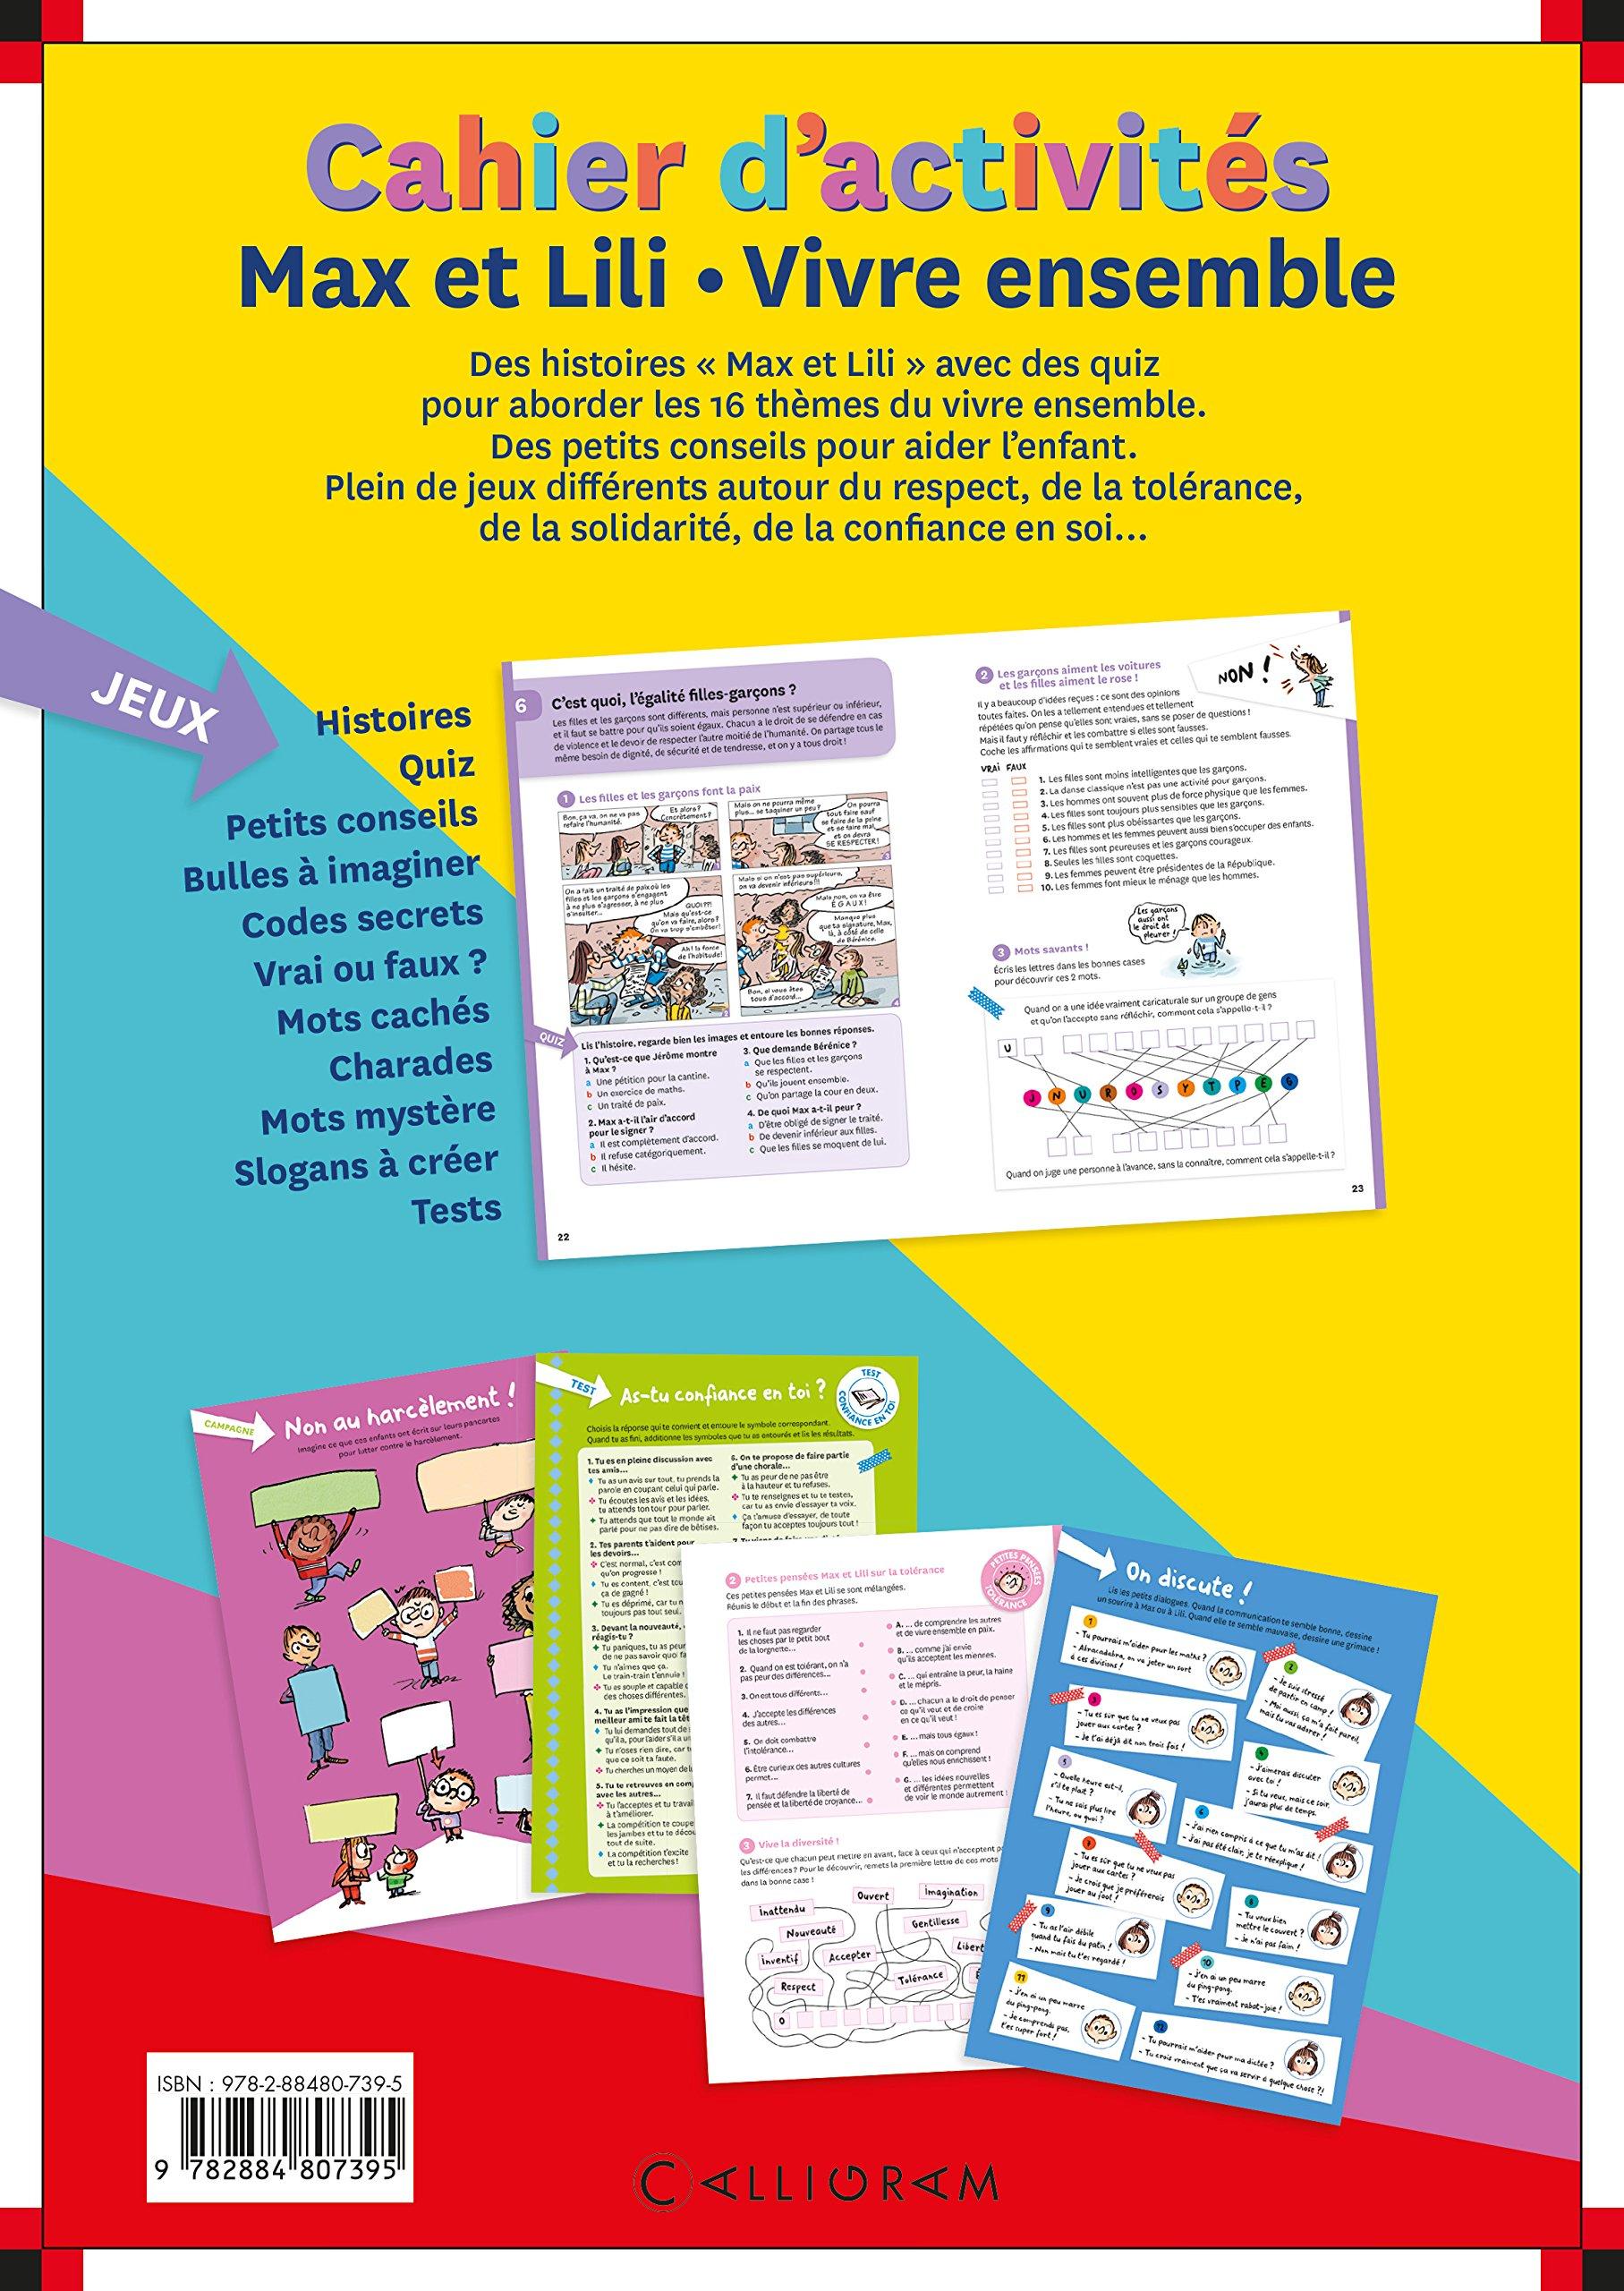 Beliebt Amazon.fr - Cahier d'activités Max et Lili - Vivre ensemble  SS05